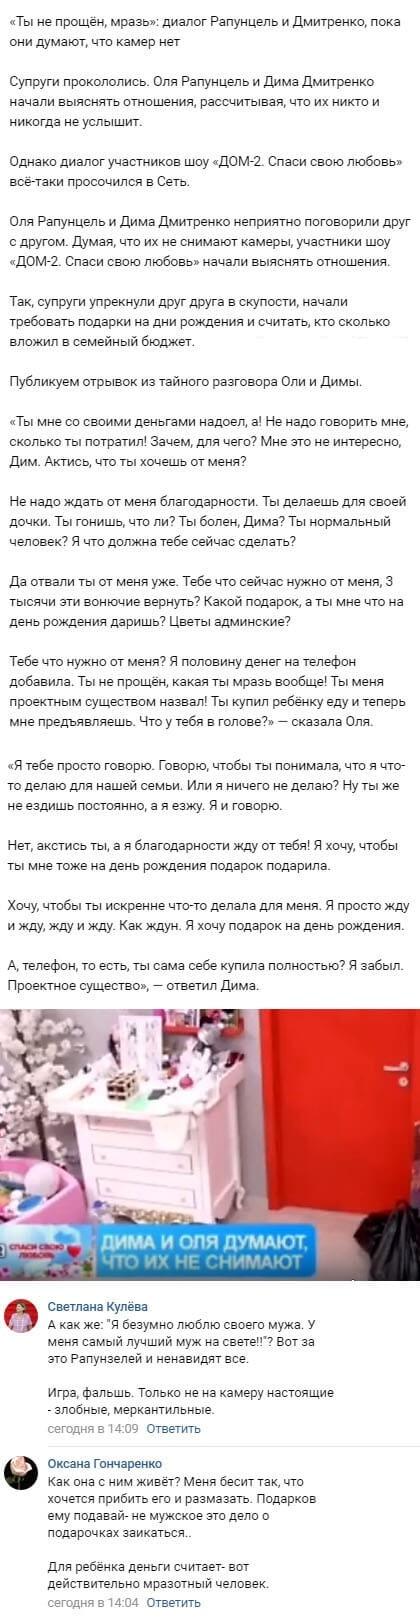 Дмитренко и Рапунцель показали истинное отношение друг к другу